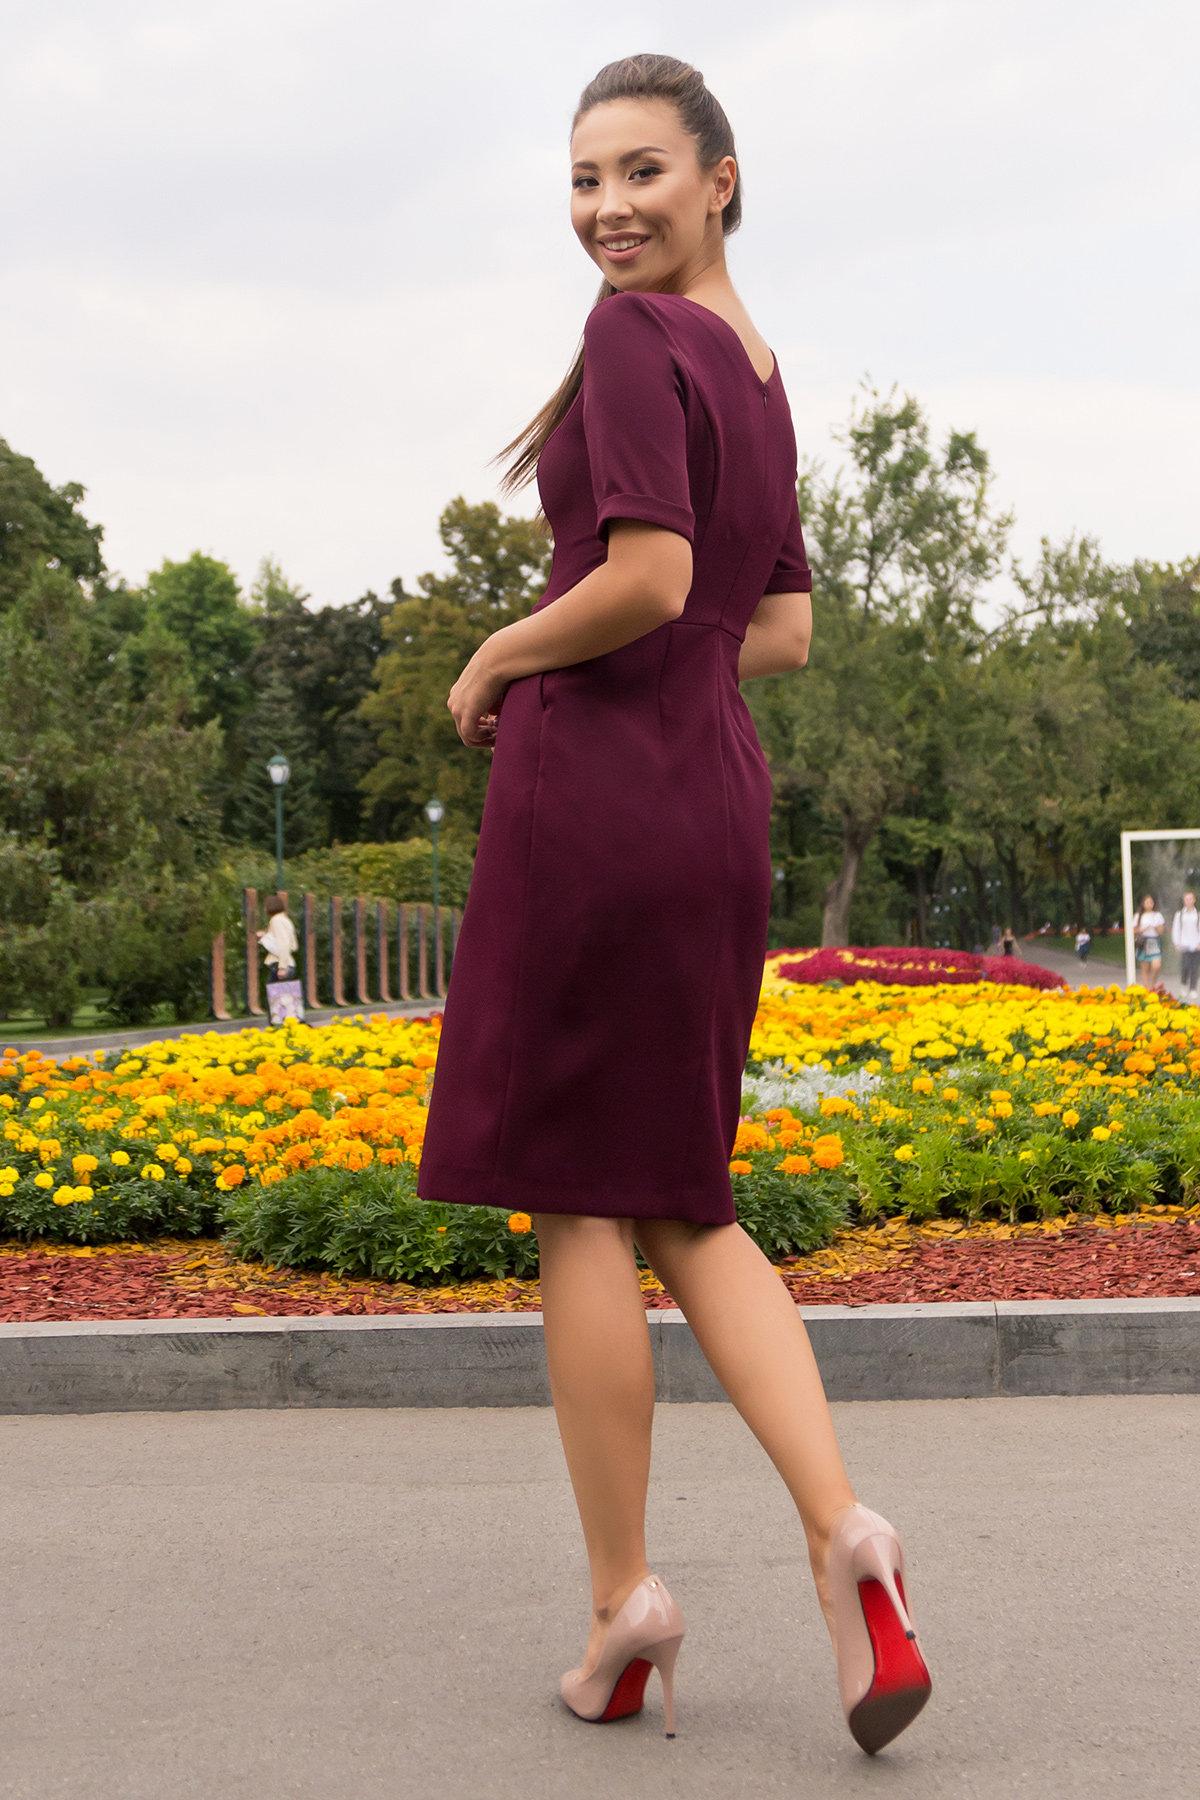 Деловое платье миди Тетрис 7917 АРТ. 43903 Цвет: Винный - фото 2, интернет магазин tm-modus.ru